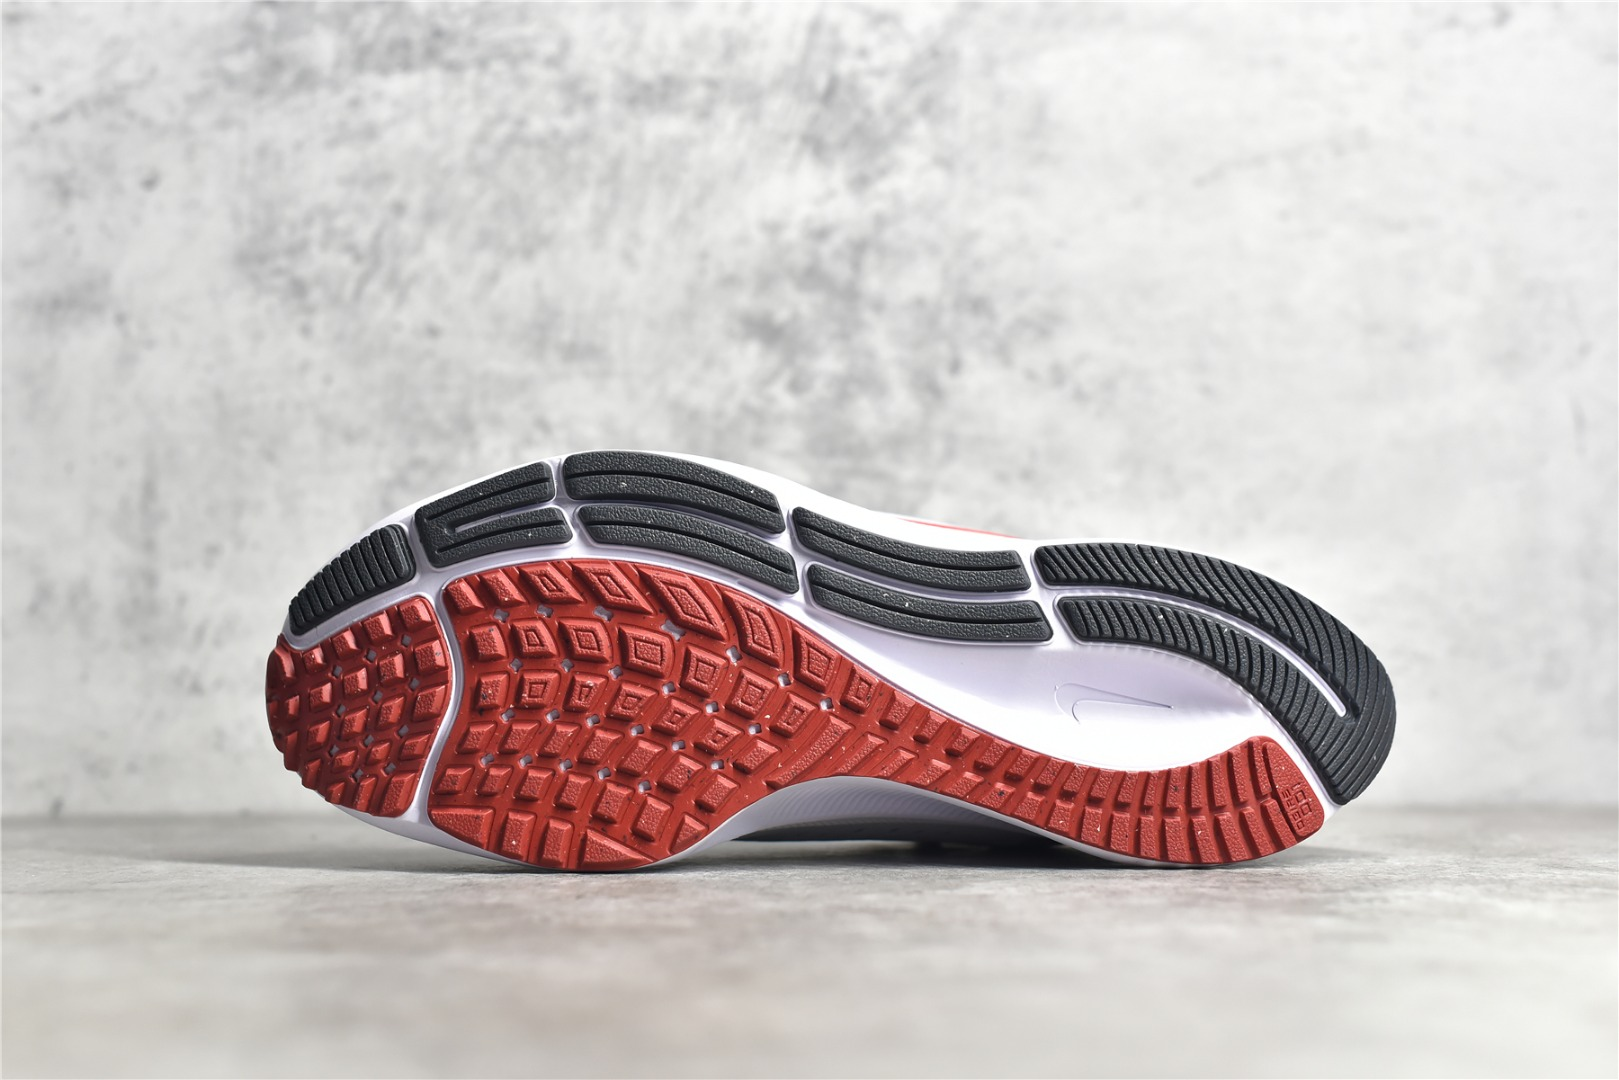 耐克登月38代银色网面透气轻跑鞋 Nike Zoom Pegasus 38 莆田终端耐克登月工厂货源 货号:CW7356-100-潮流者之家